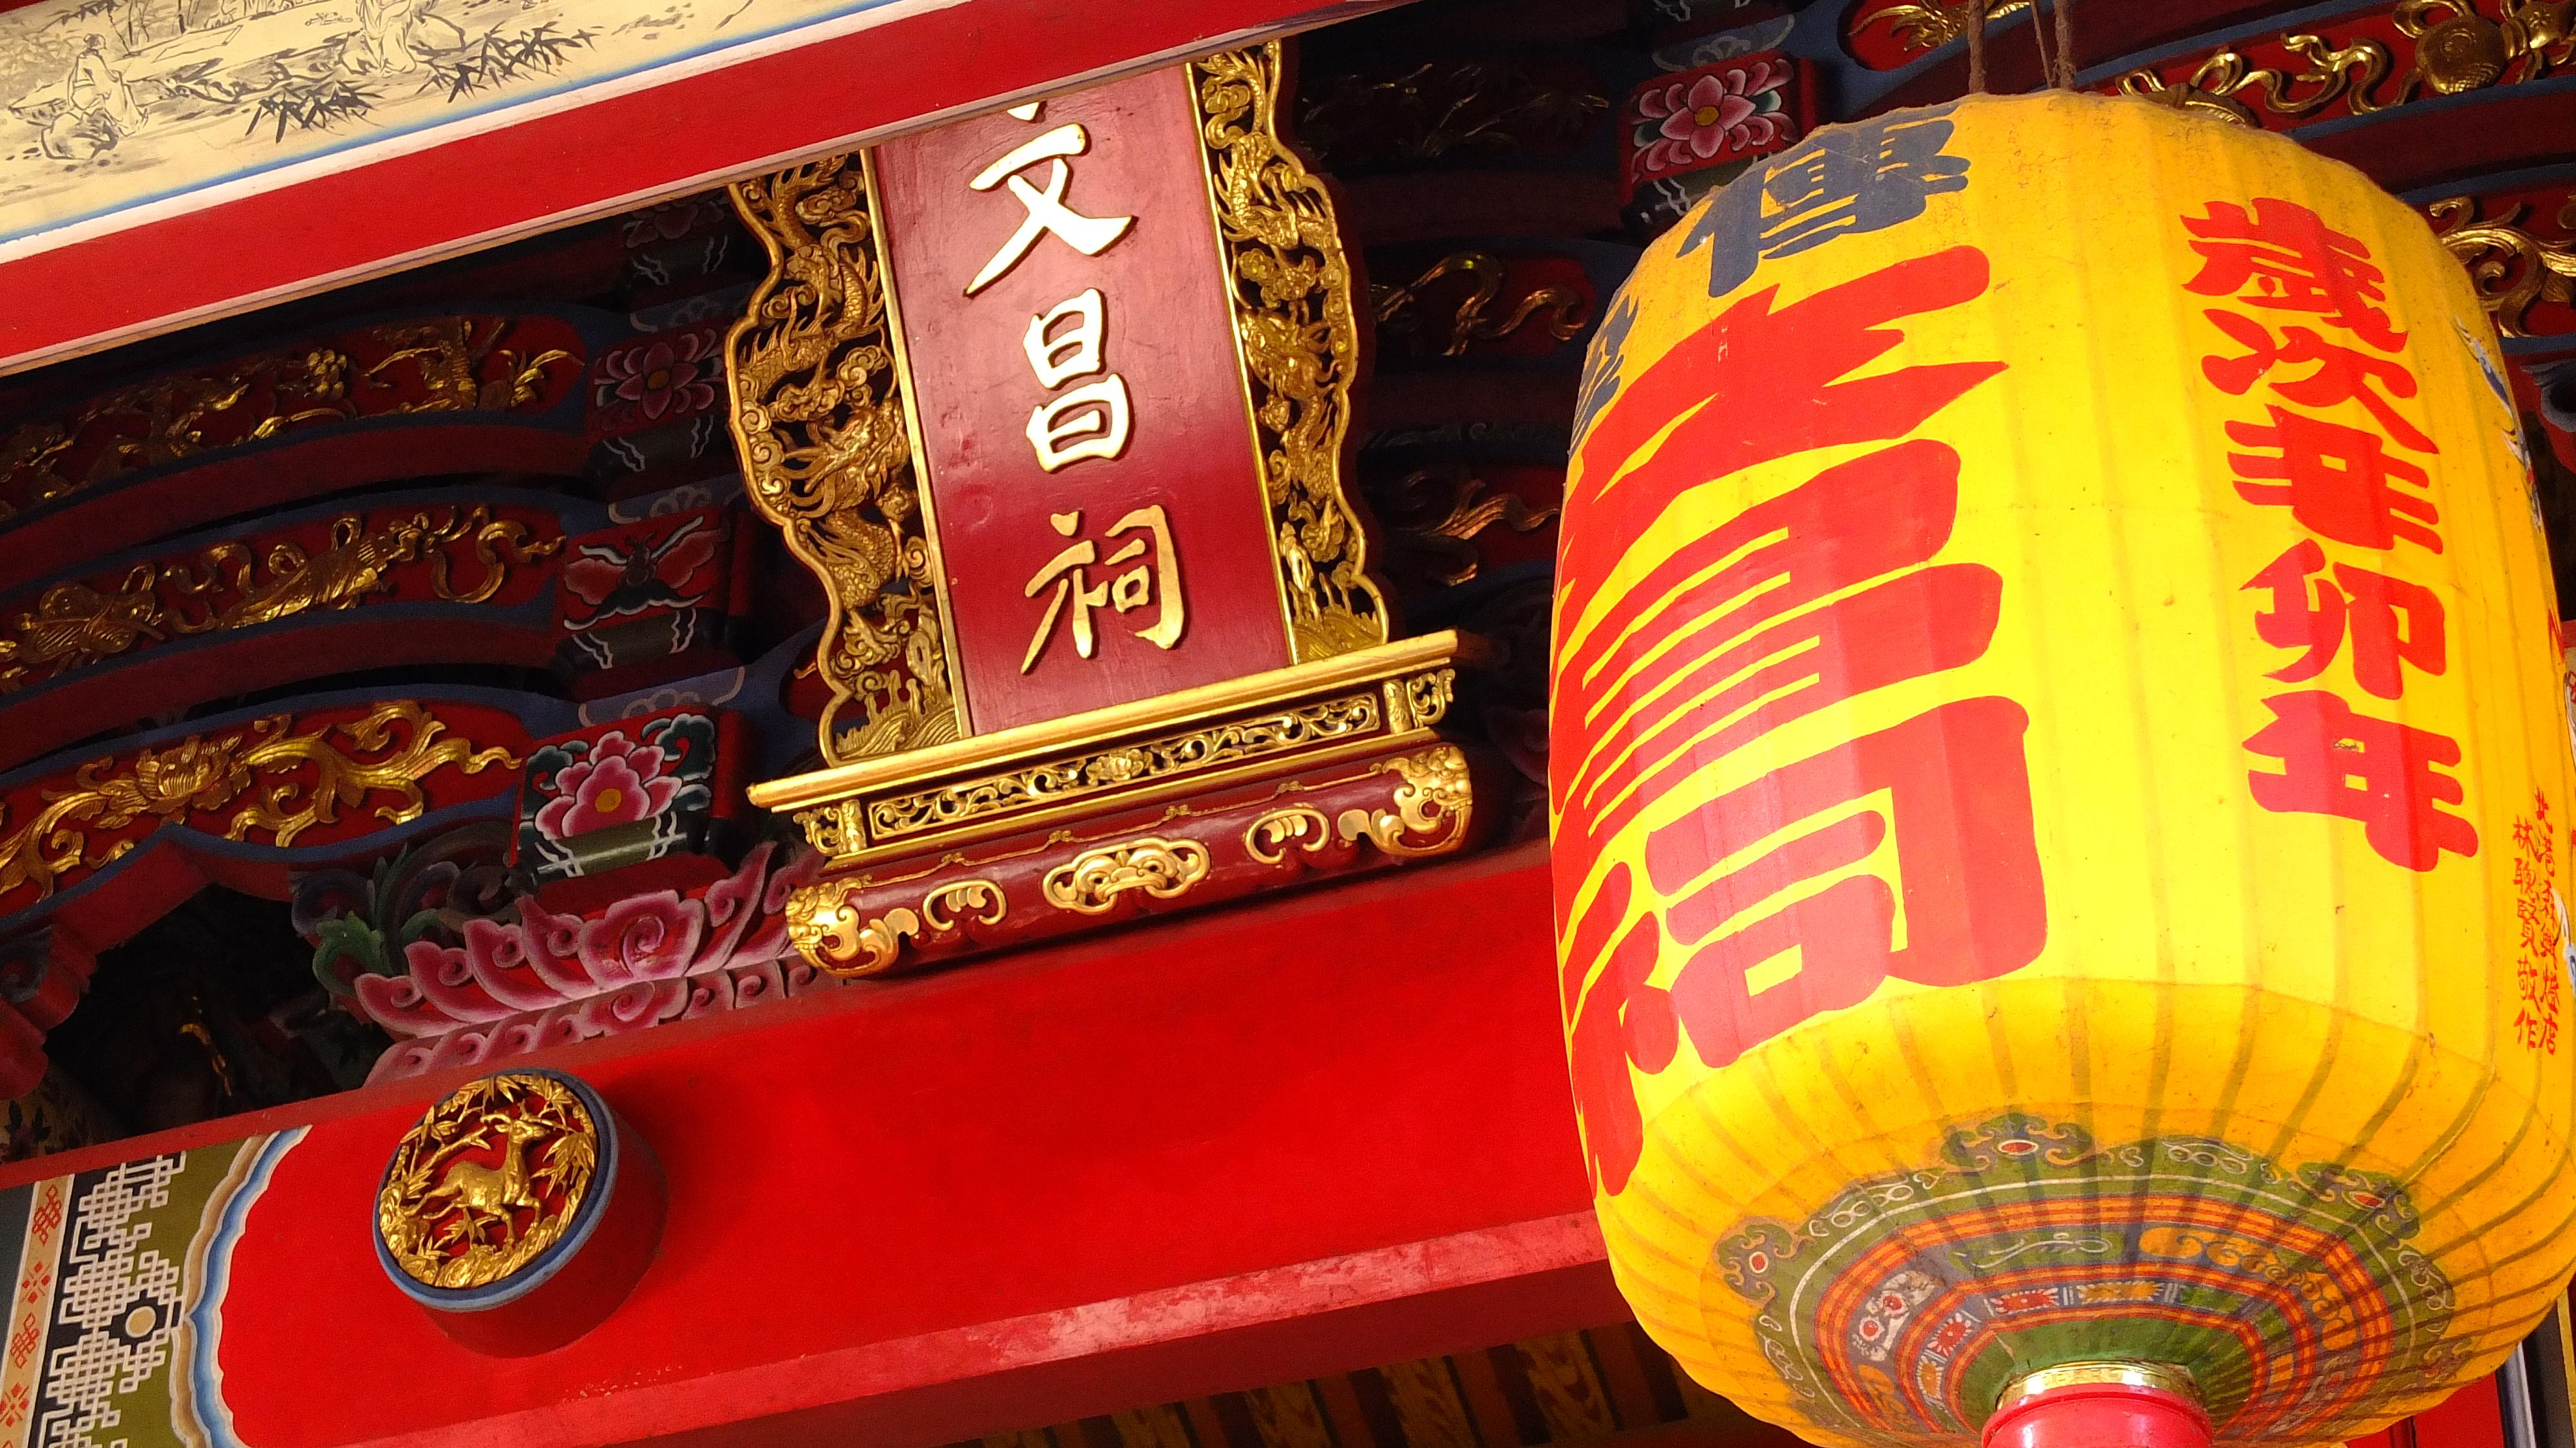 文昌祀は、台湾古来の伝統様式の廟宇建築です。文昌祀では、いろいろな行事を行っております。神様のお誕生日のお祝いや「お盆」には先祖にお供物を供えます。